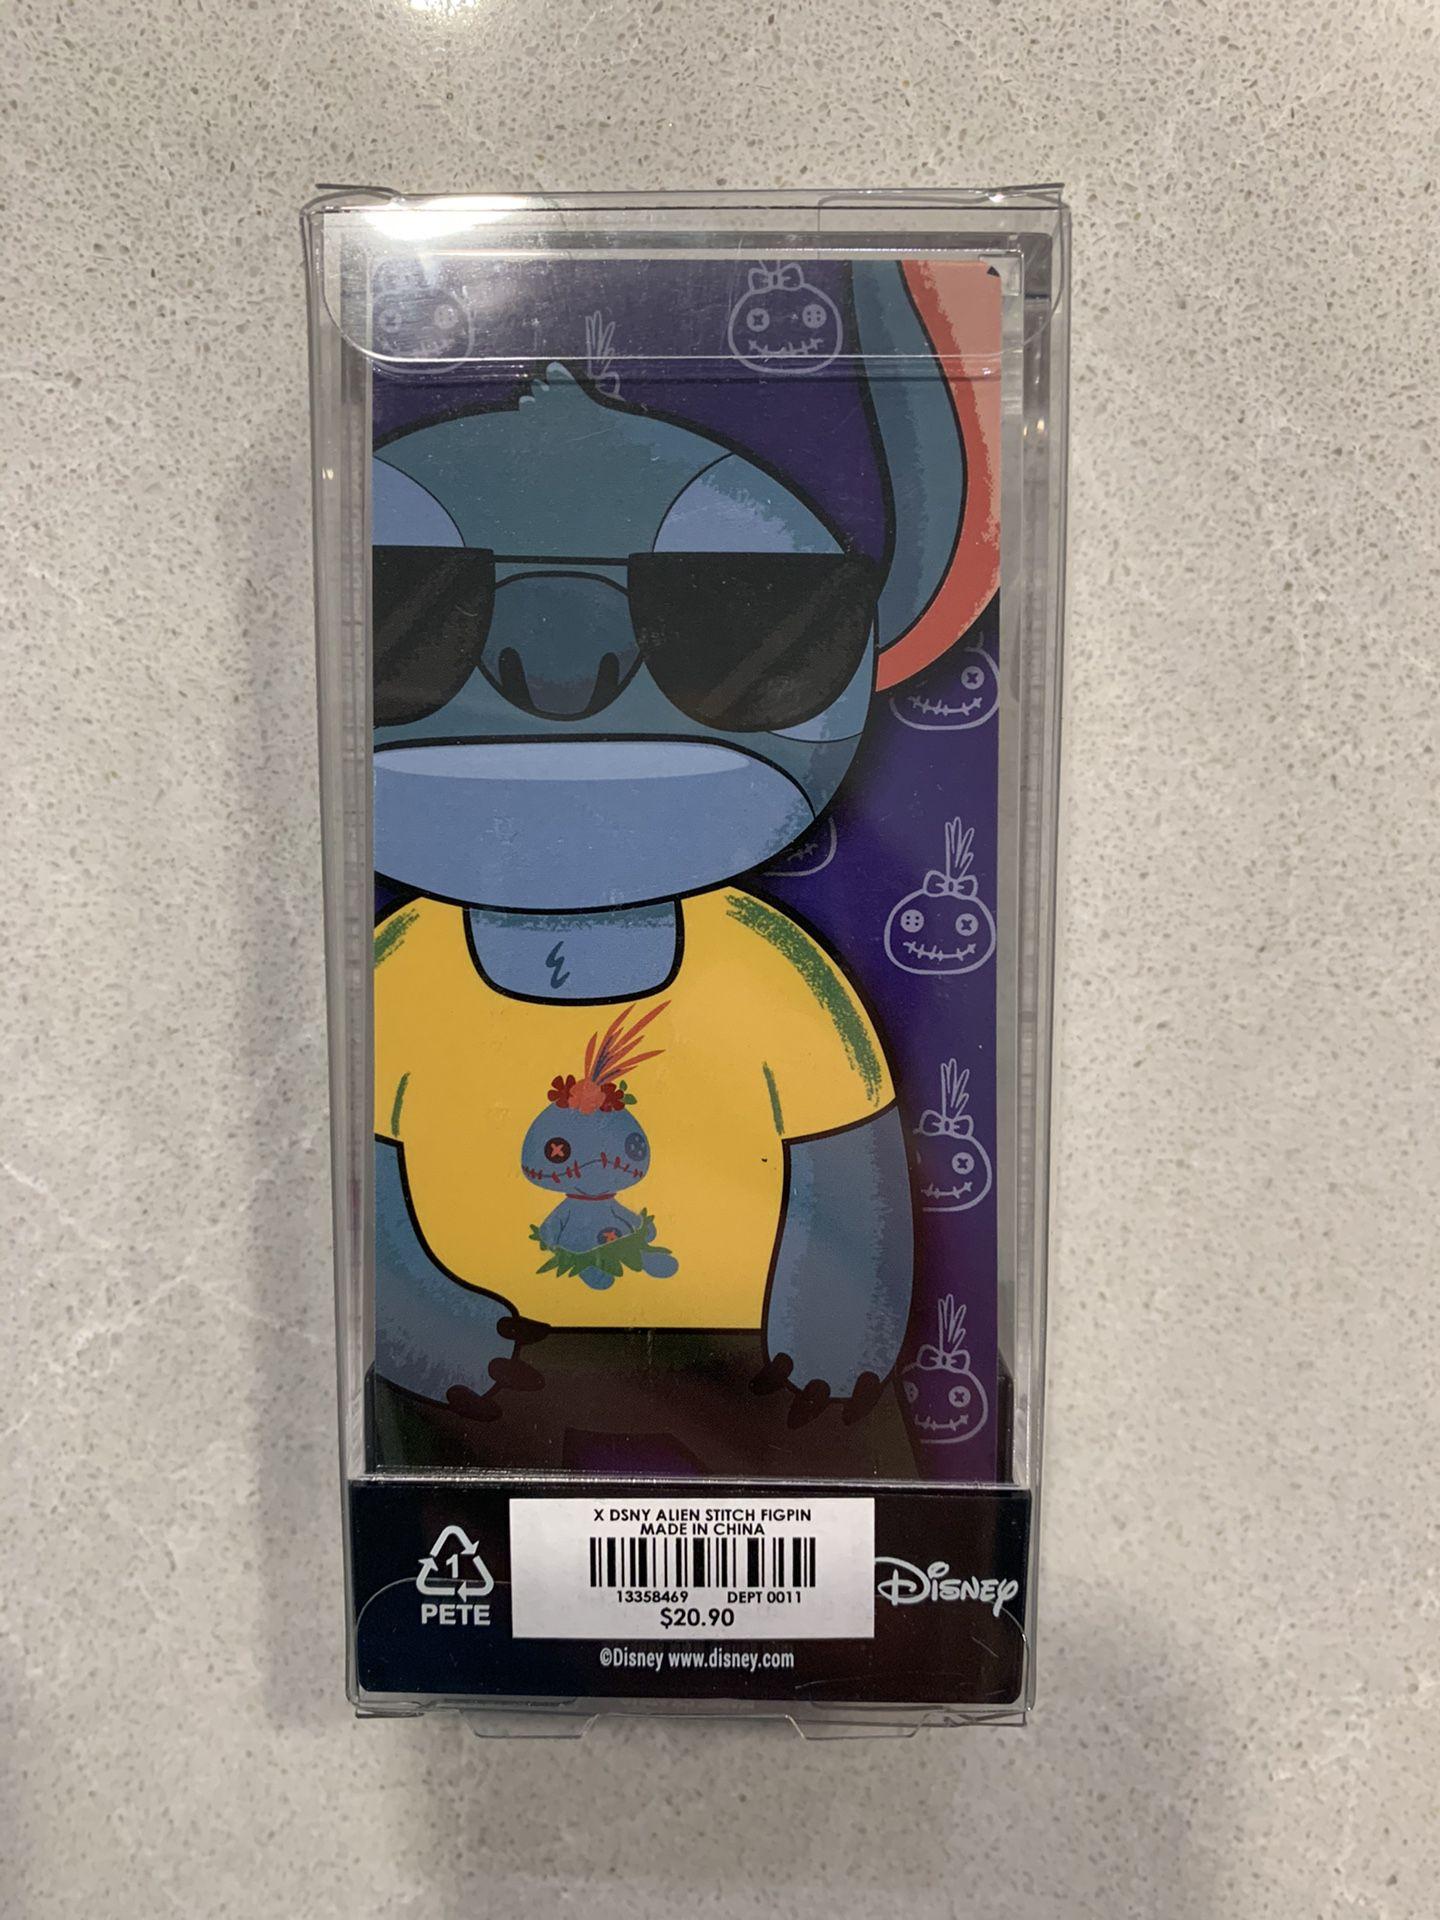 Stitch Scrump Shirt FiGPiN Limited Edition LE1440 Hot Topic Exclusive 422 Lilo Disney